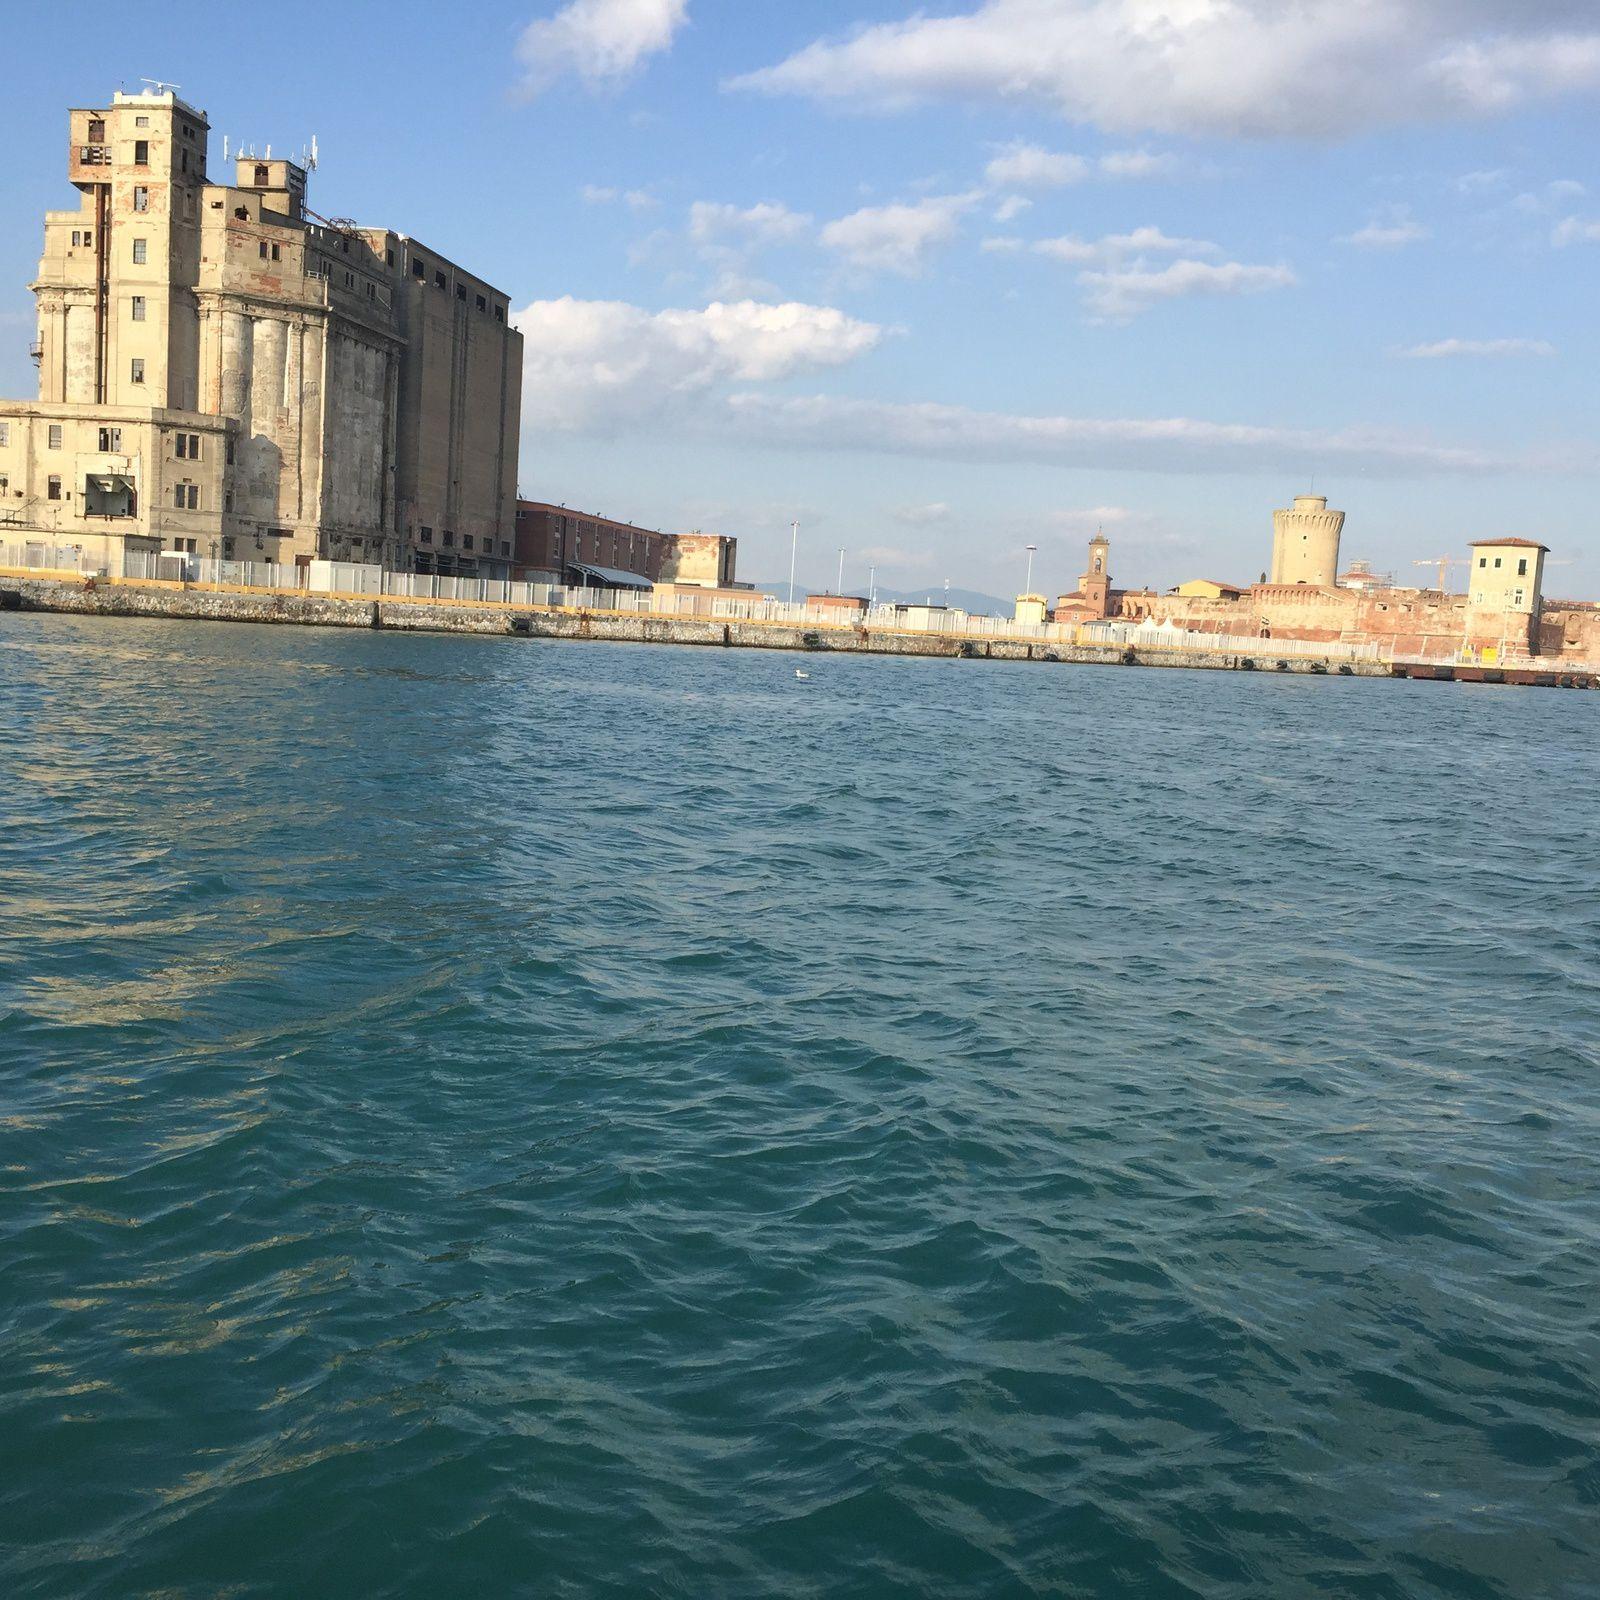 16:39 vue du bateau